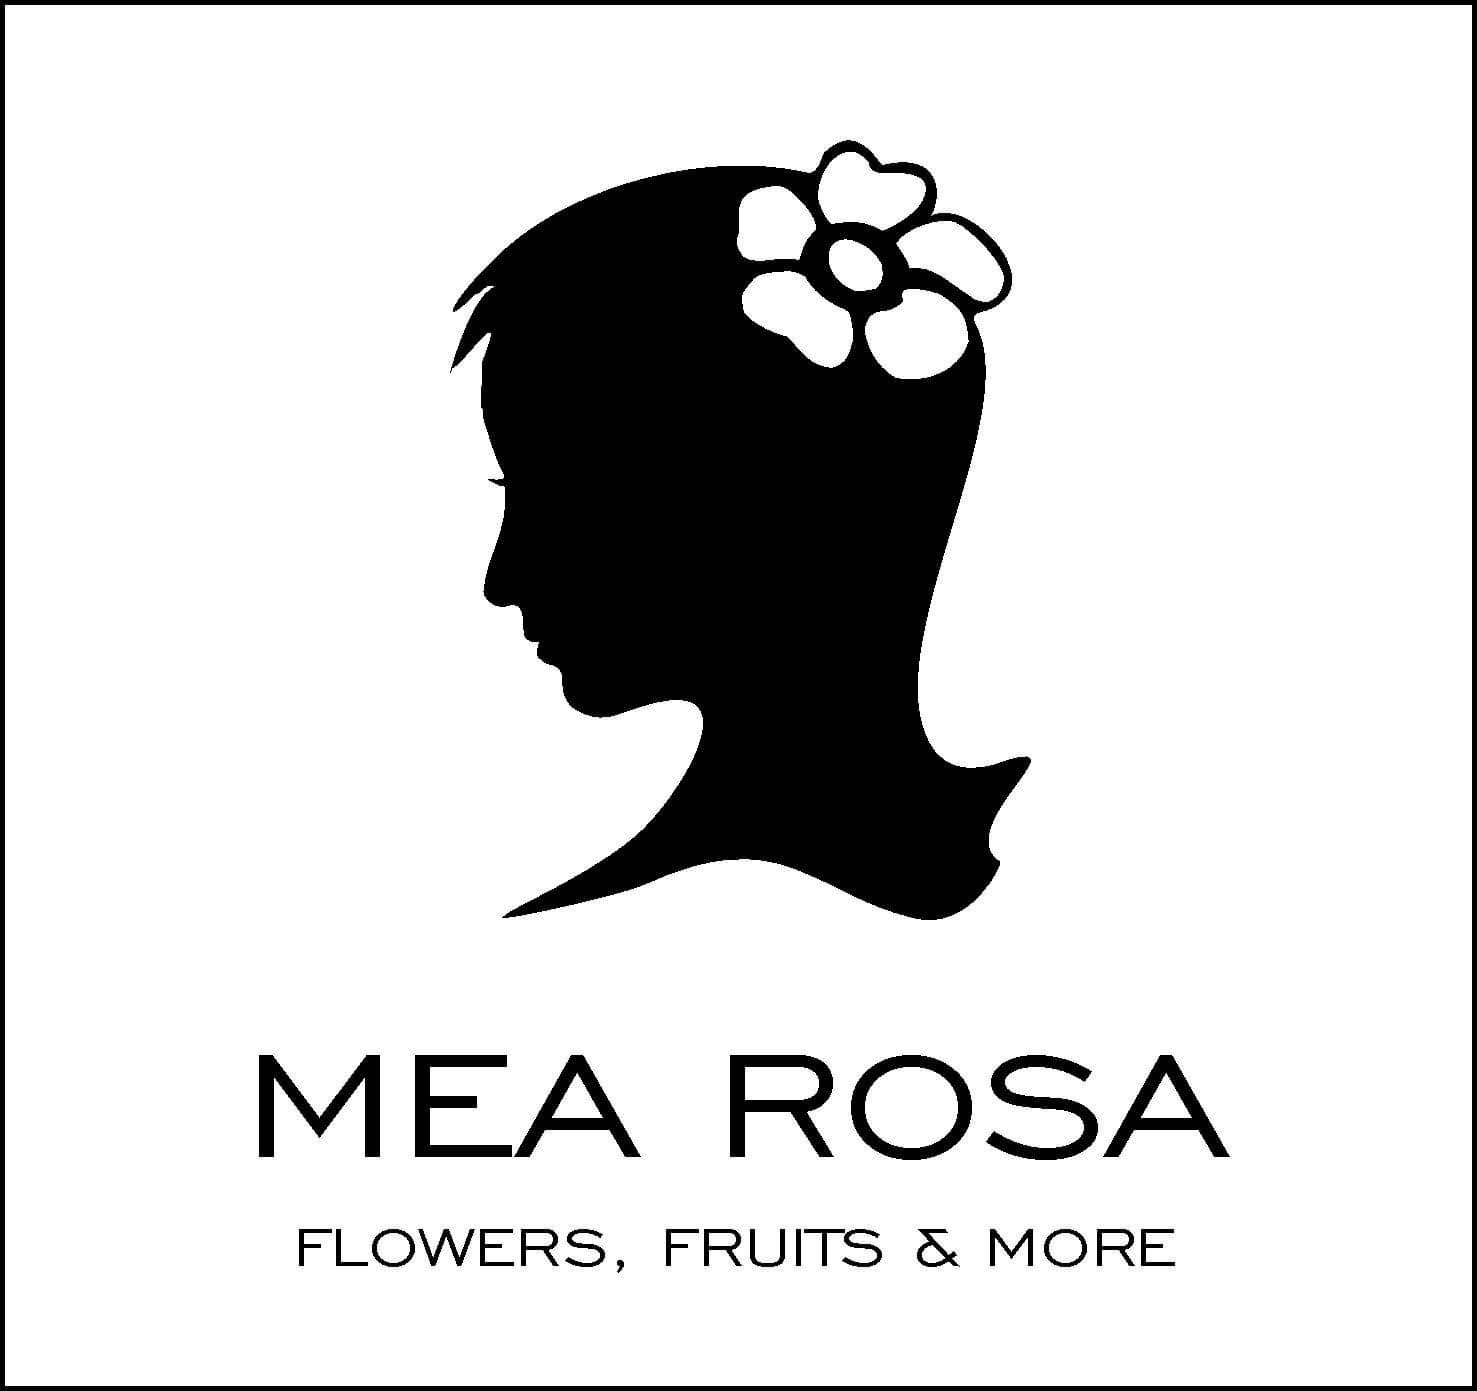 MEA ROSA Logo | Loma.eco